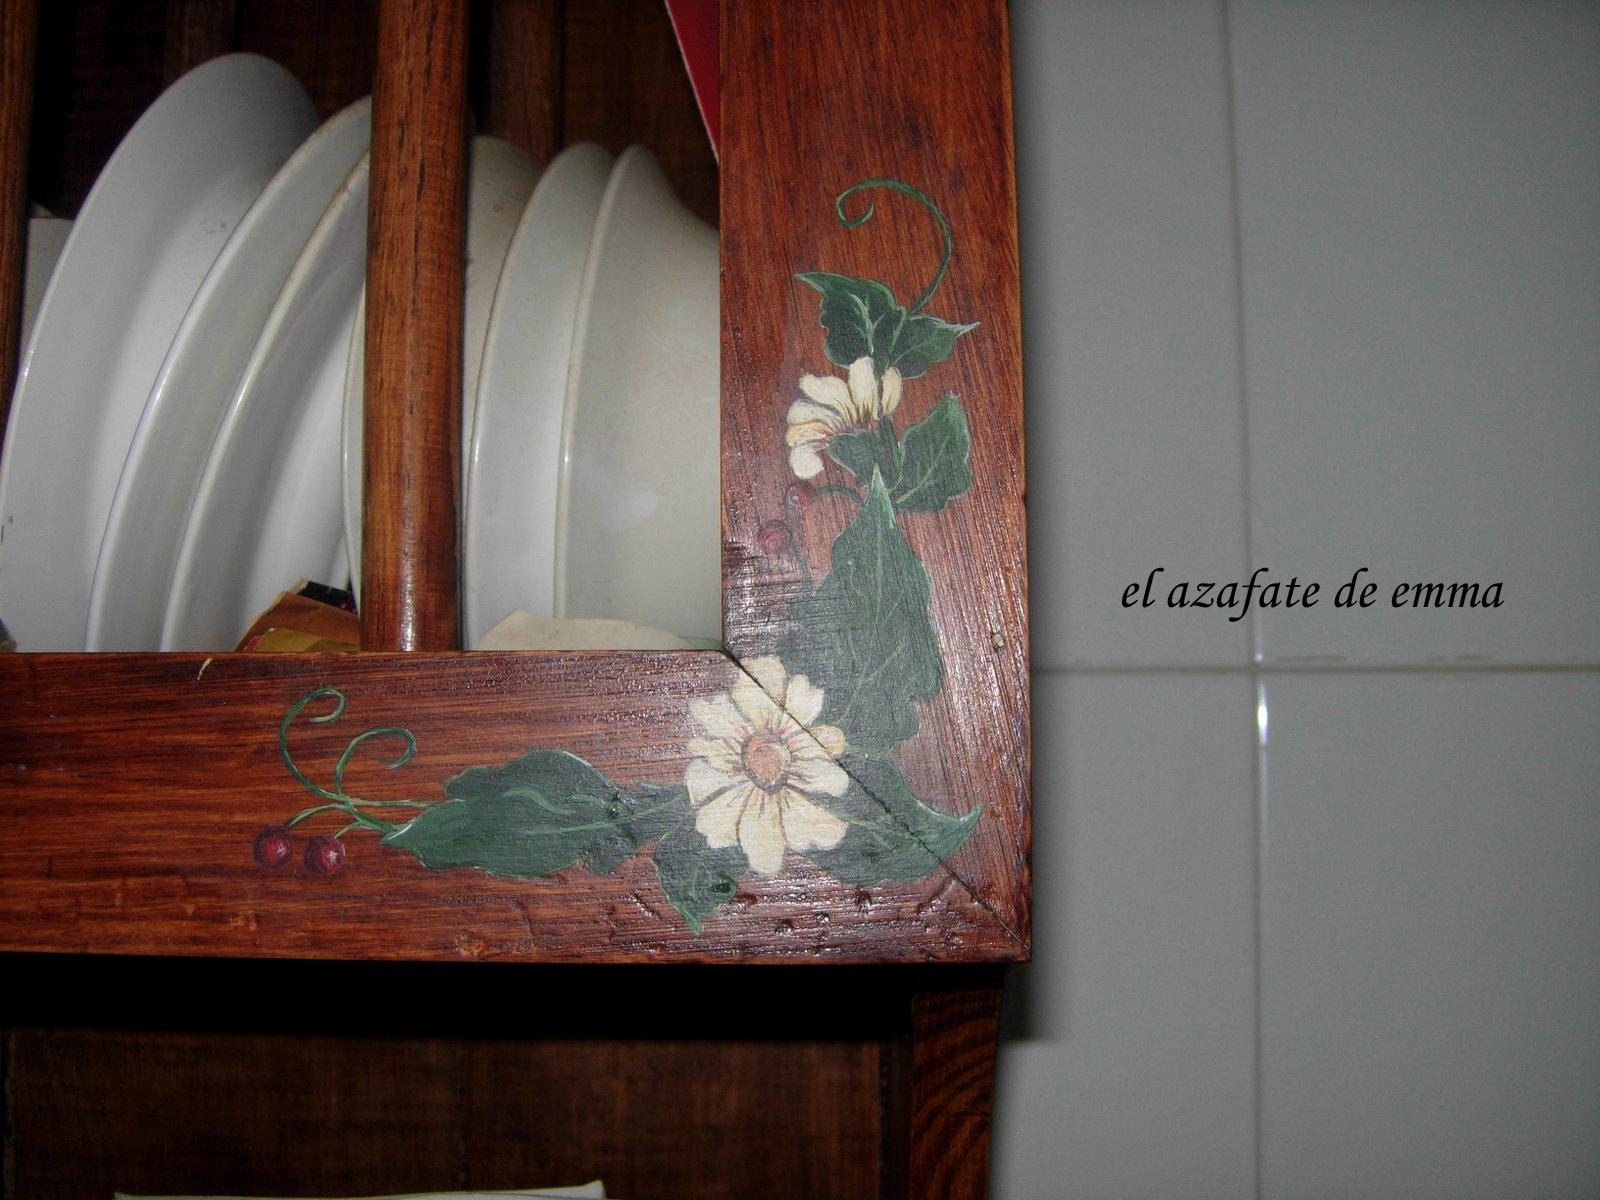 El azafate de emma mi armario platero for Armario platero cocina